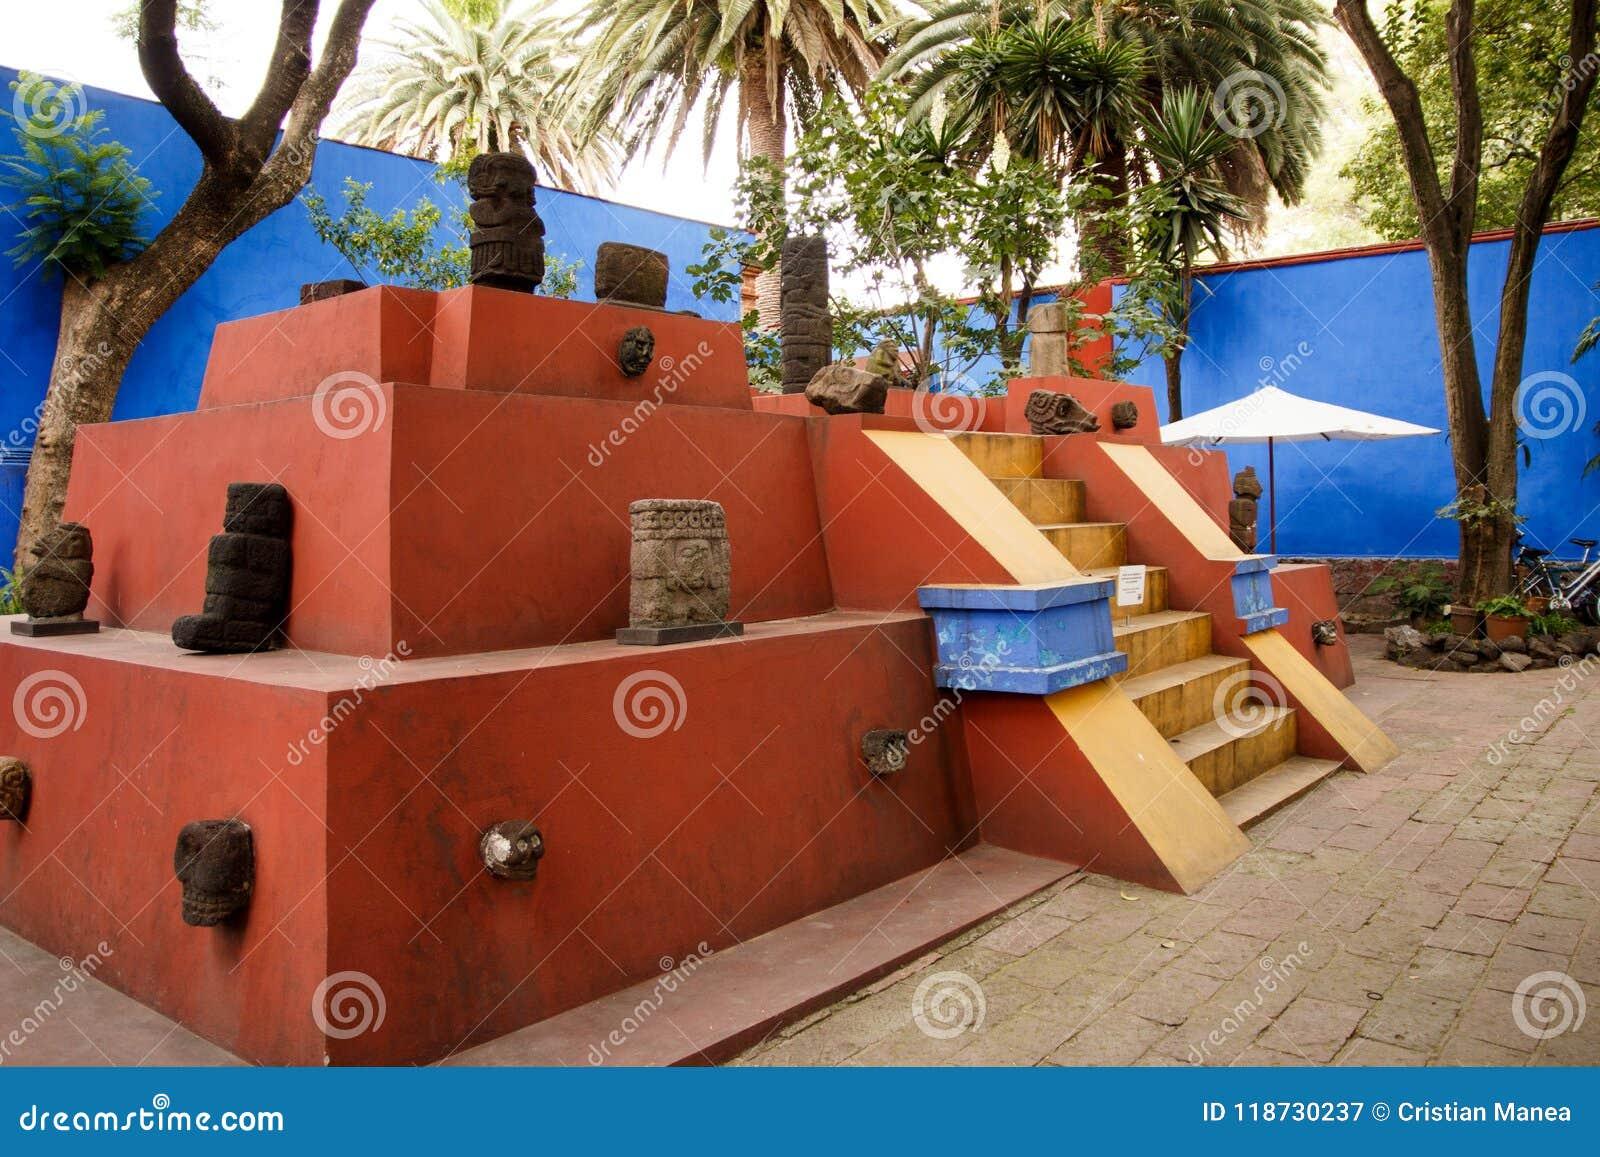 Binnenlandse werf van Blauw Huisla Casa Azul waar de Mexicaanse kunstenaar Frida Kahlo leefde